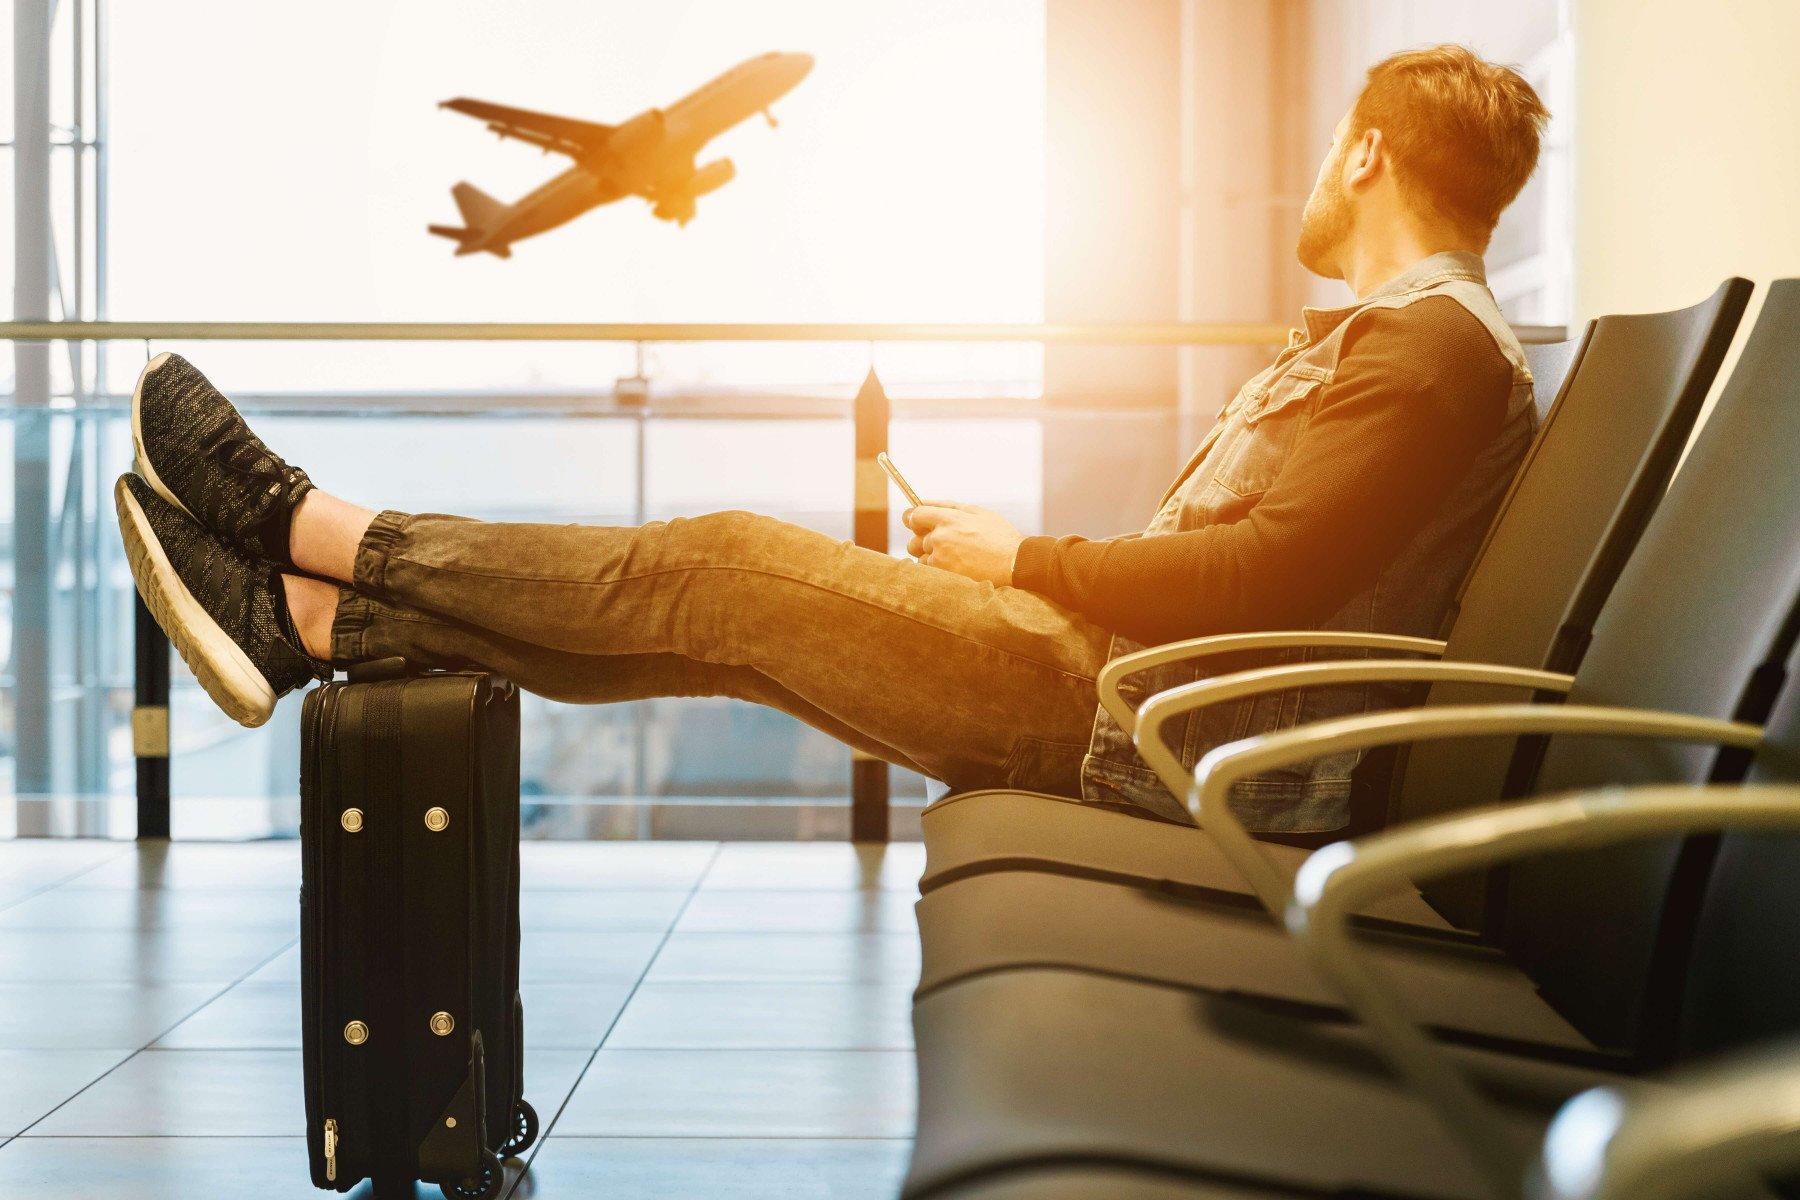 En man som sitter på en flygplats och ser ett plan som lyfter